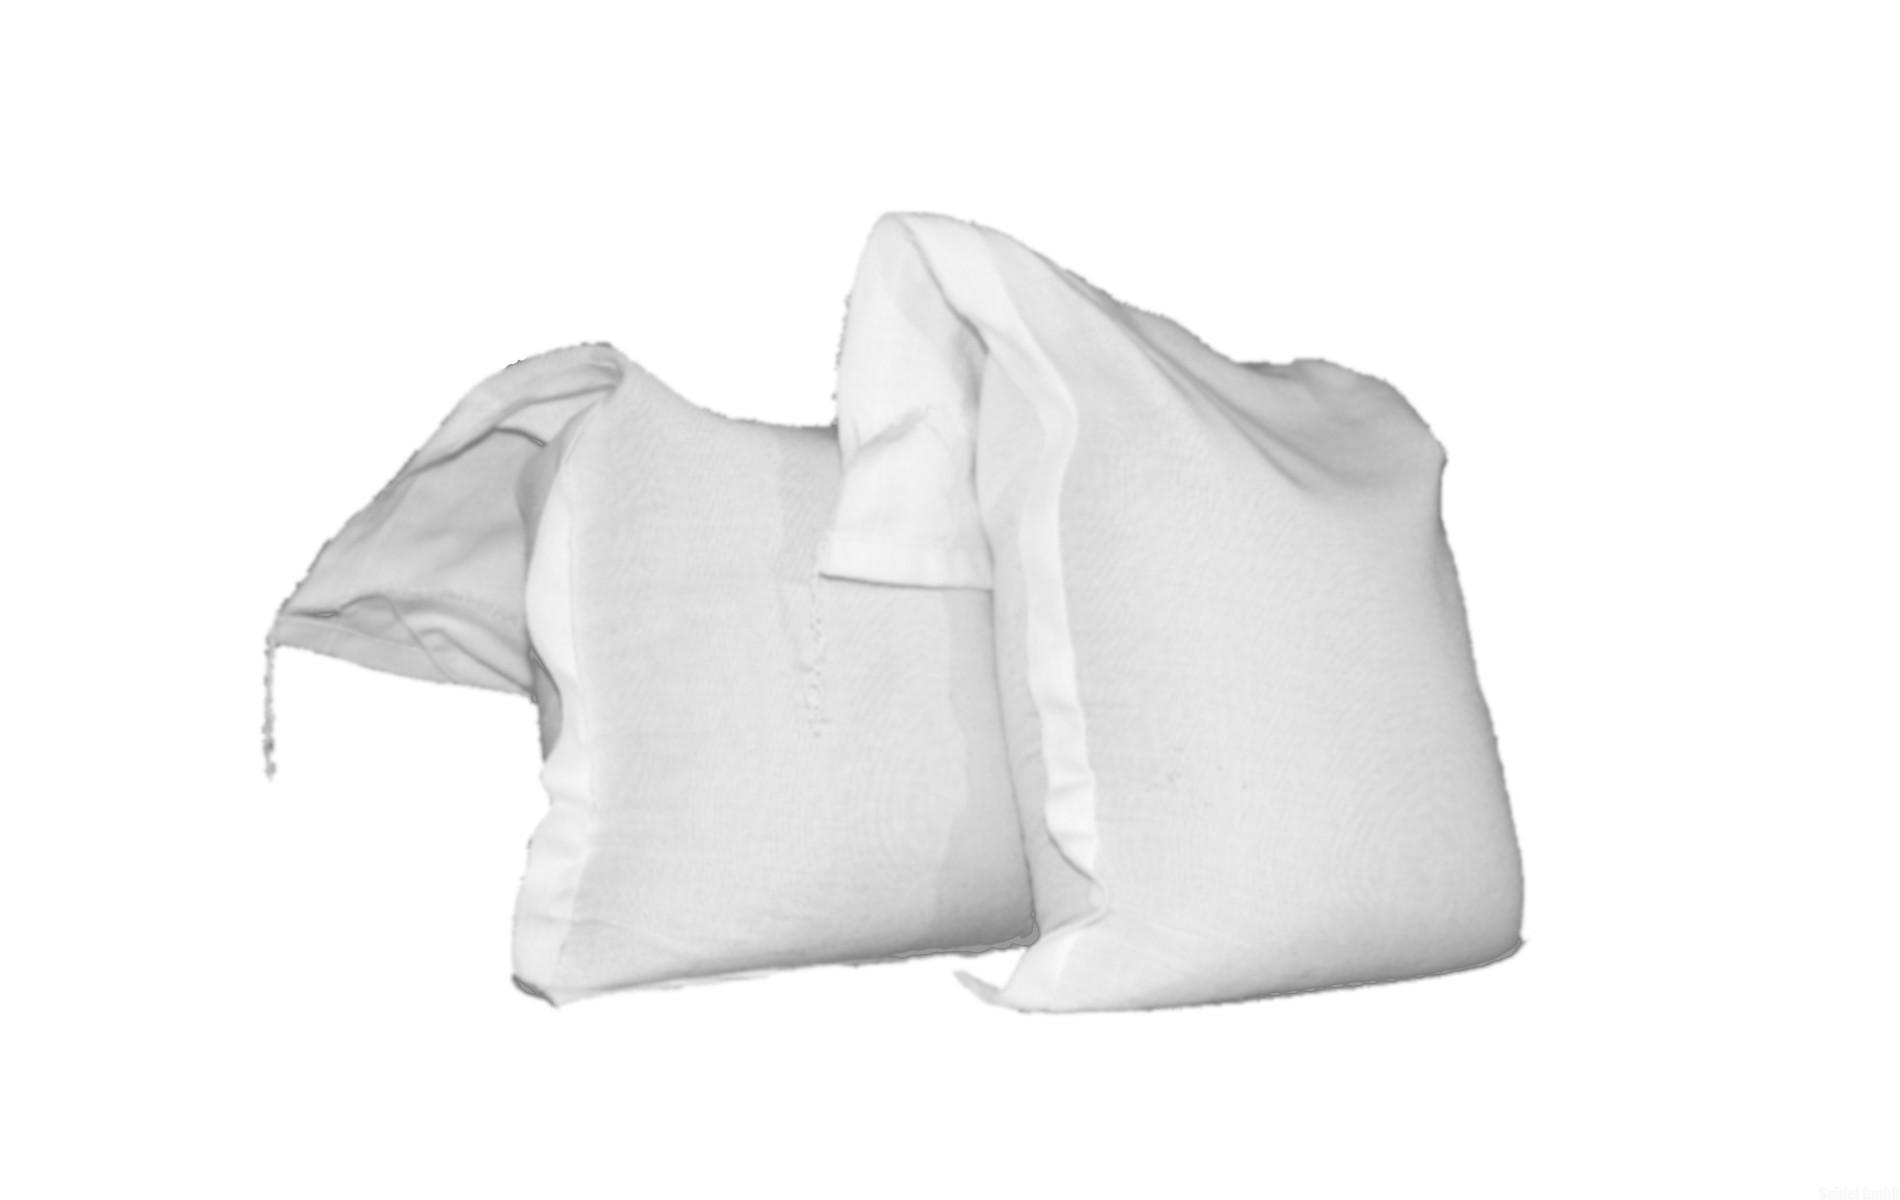 Ballastierung mit Spezialsäcken wie unsere PAC Ballstsäcke Polyacryl PAC-Ballastsack